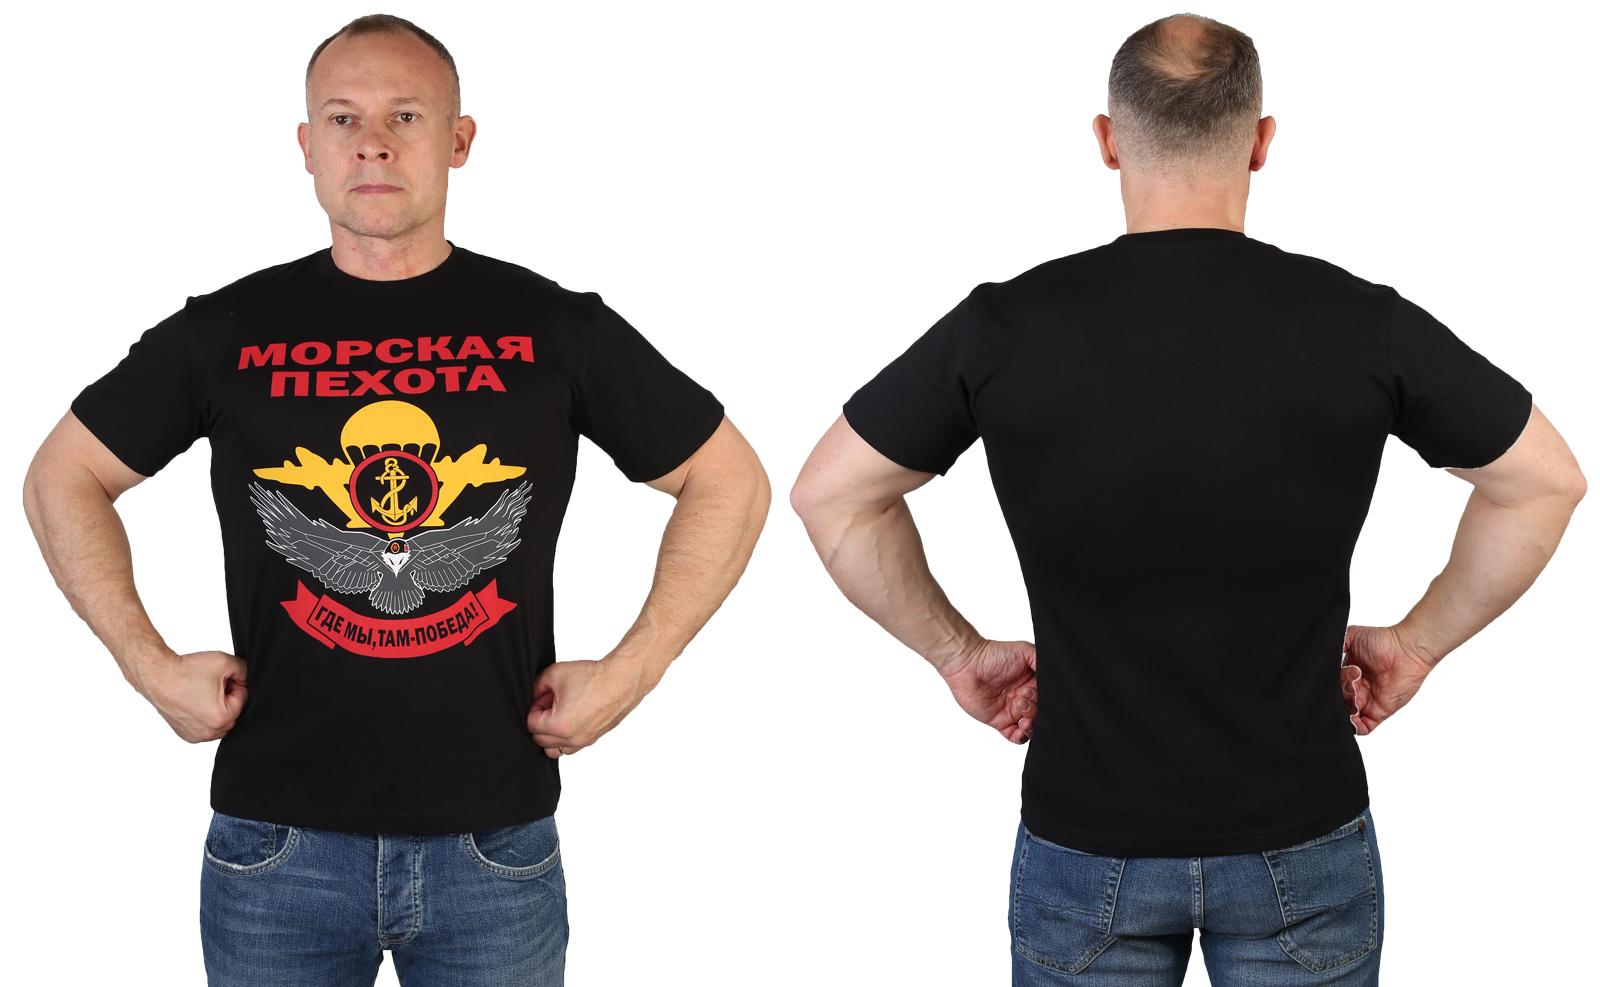 Мужская футболка Морской пехоты с девизом